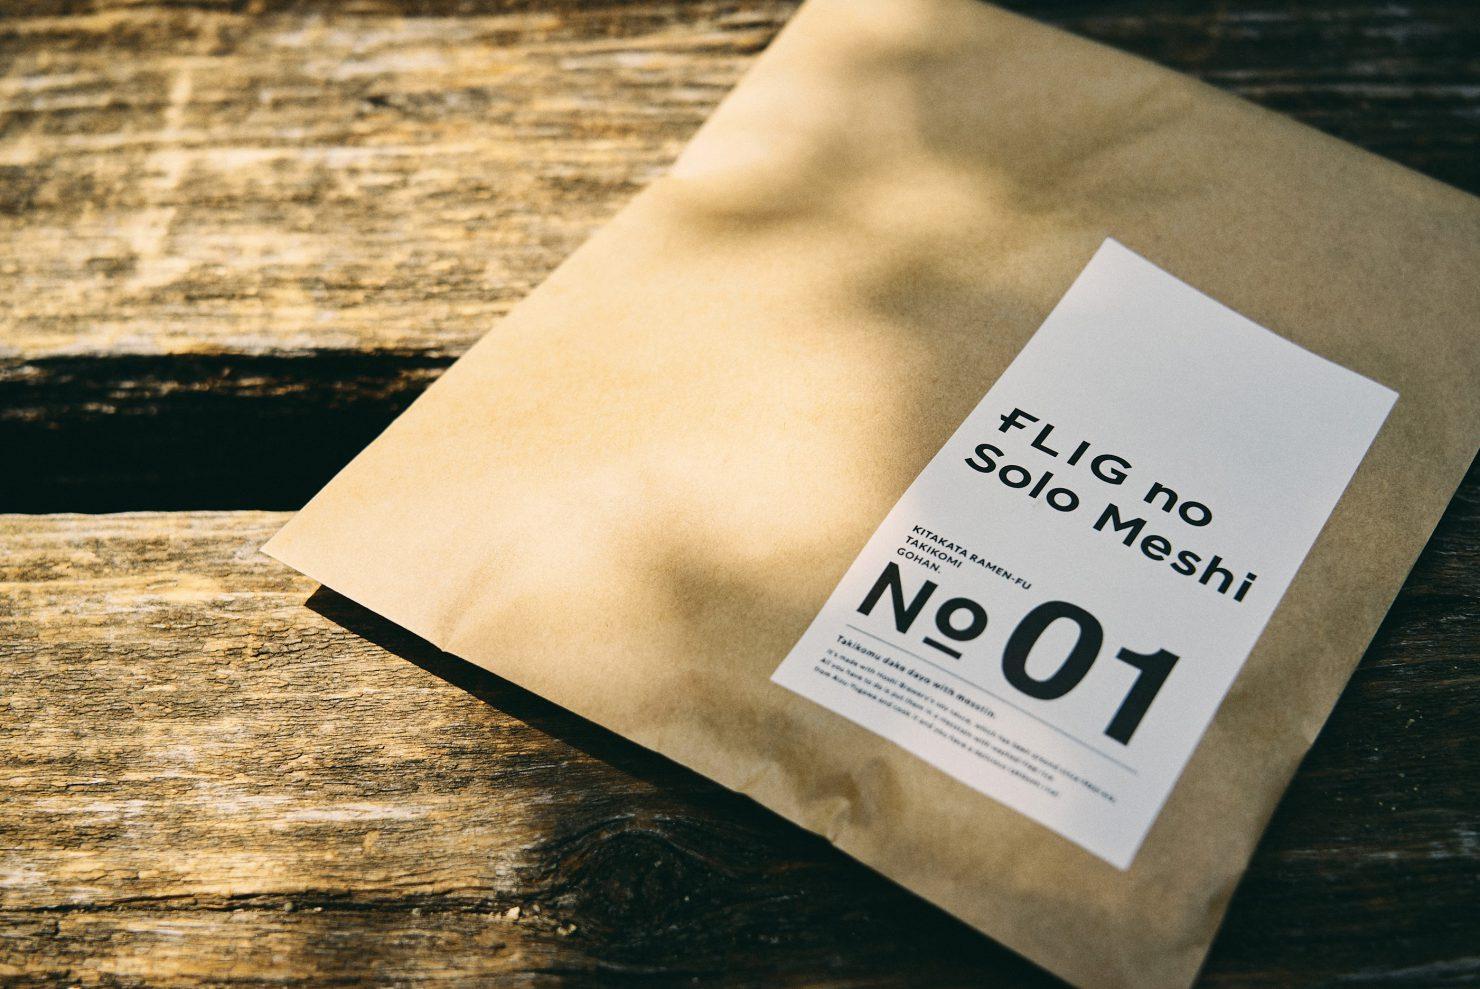 福島県郡山市のデザイン会社ワイアードブレインズのパッケージデザイン事例